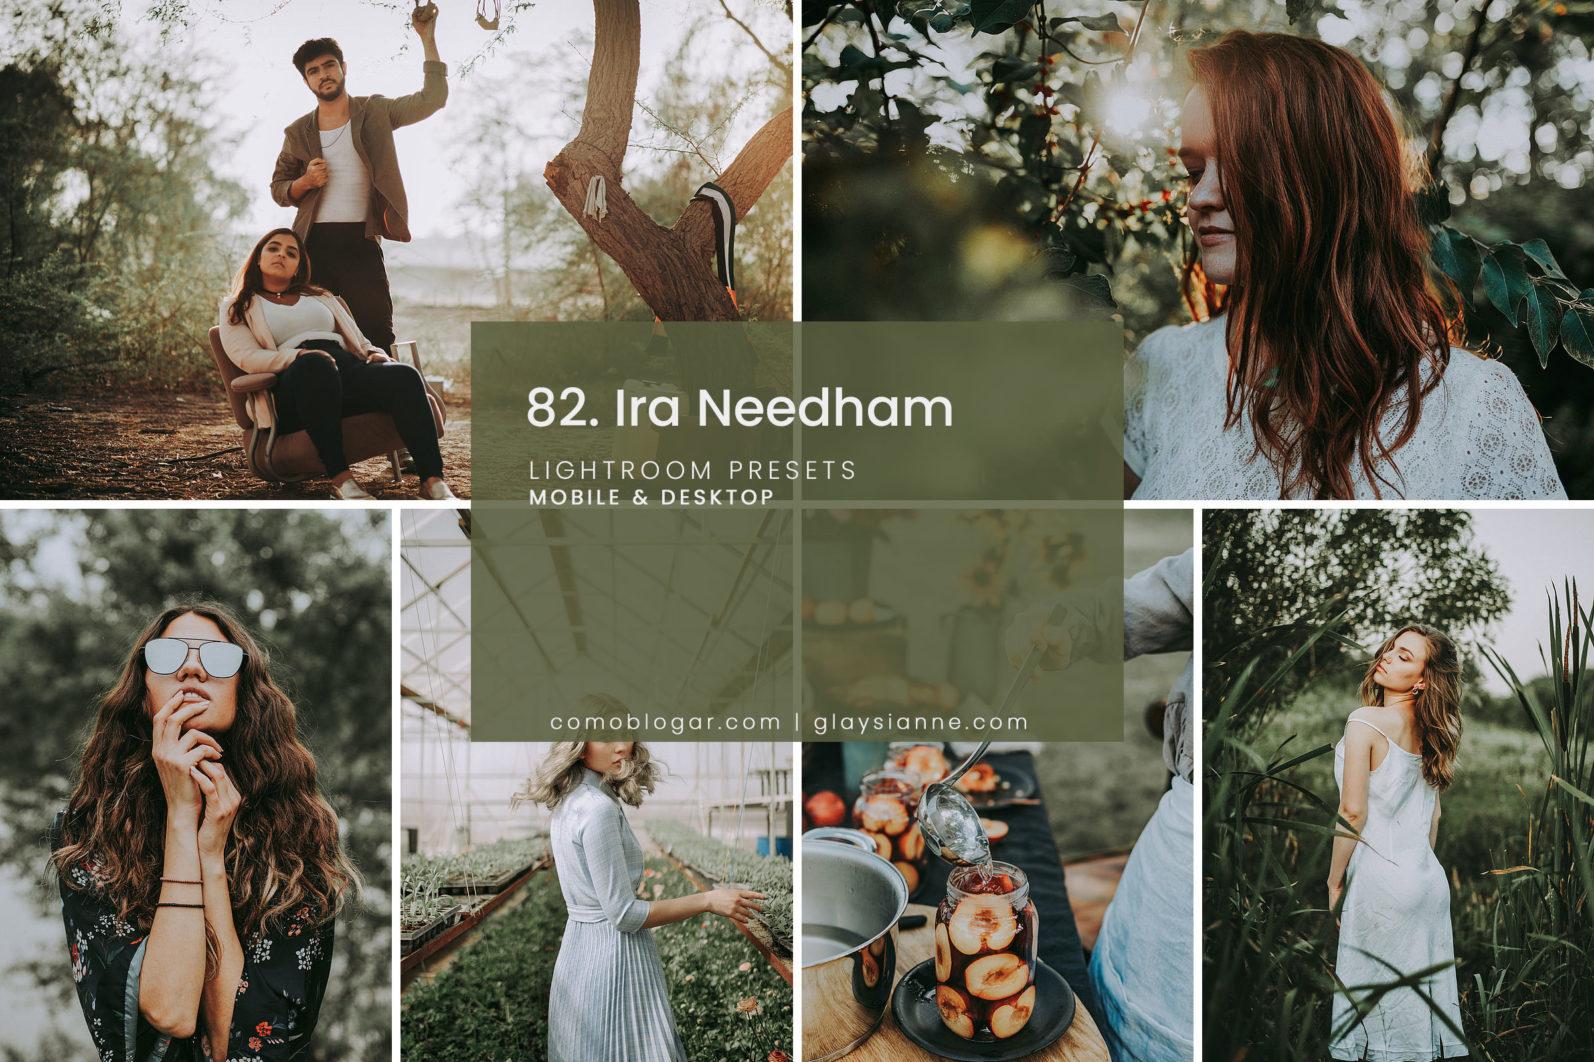 82. Ira Needham Presets - 82.Ira Needham 01 -